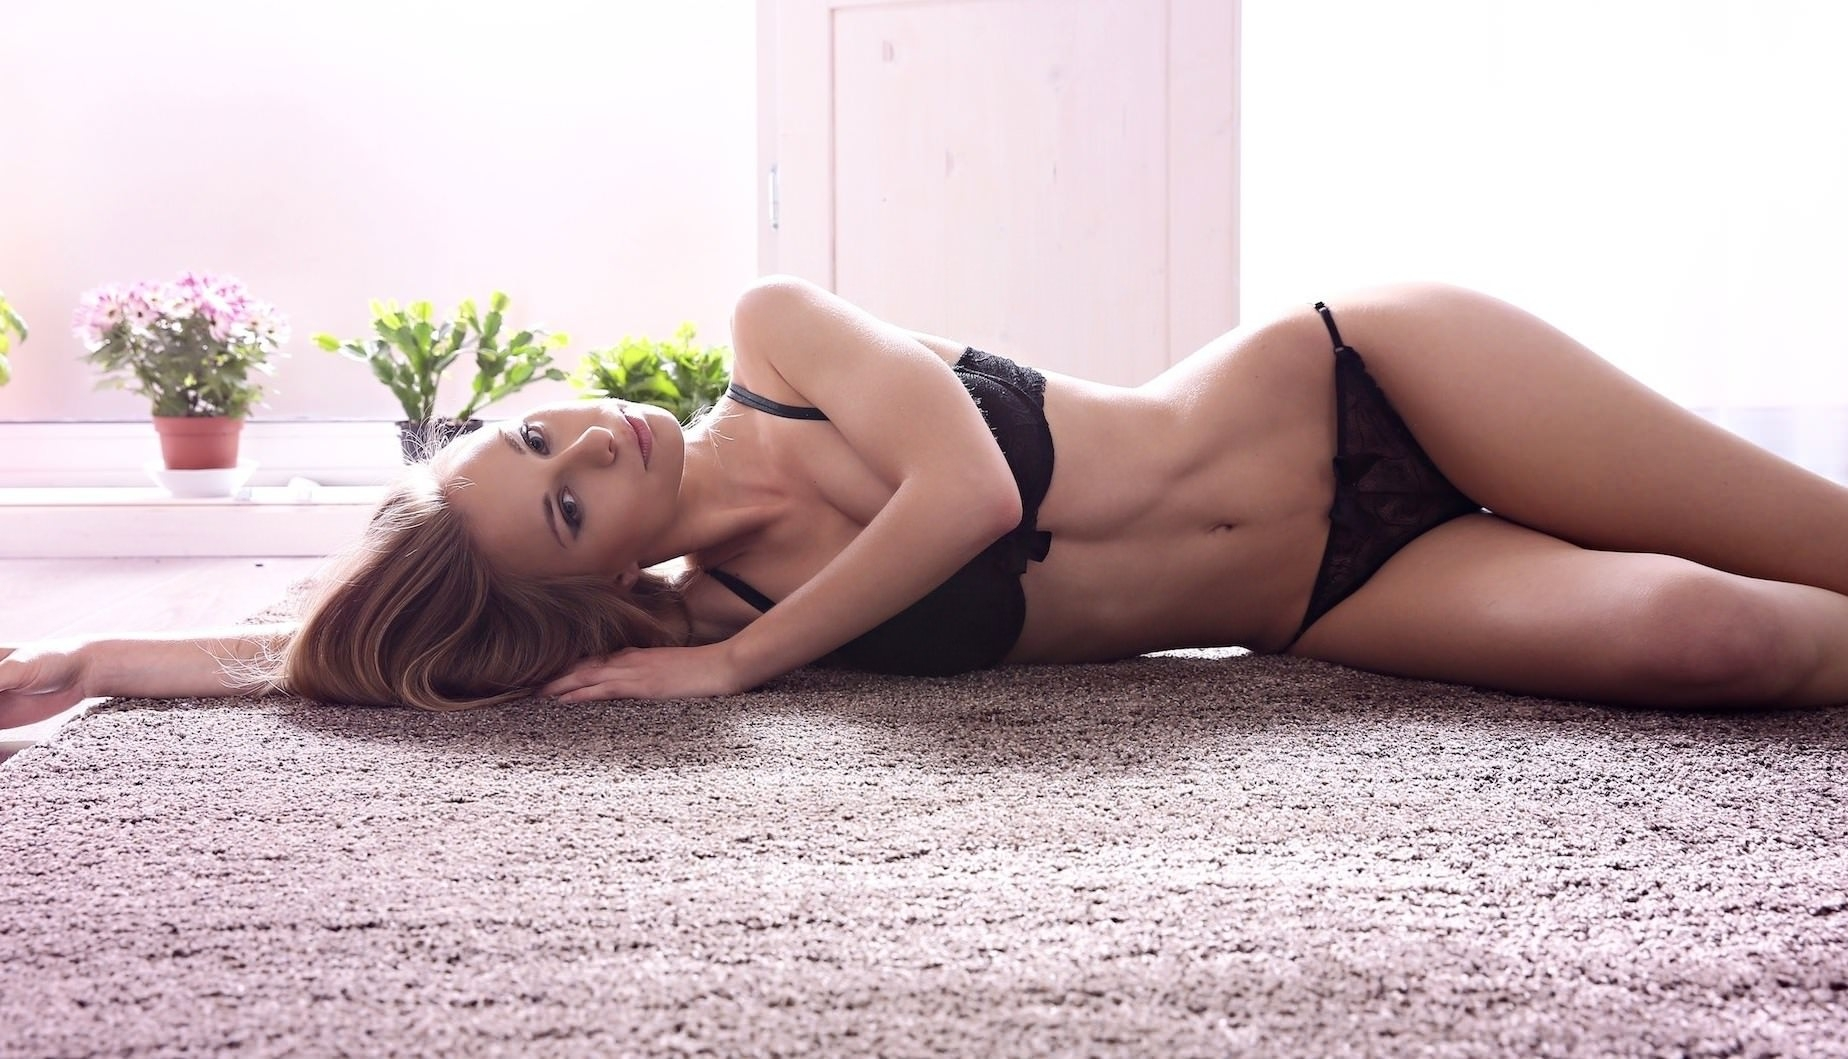 Фото Сексуальная молодая девушка в черном нижнем белье лежит на ковре, скачать картинку бесплатно